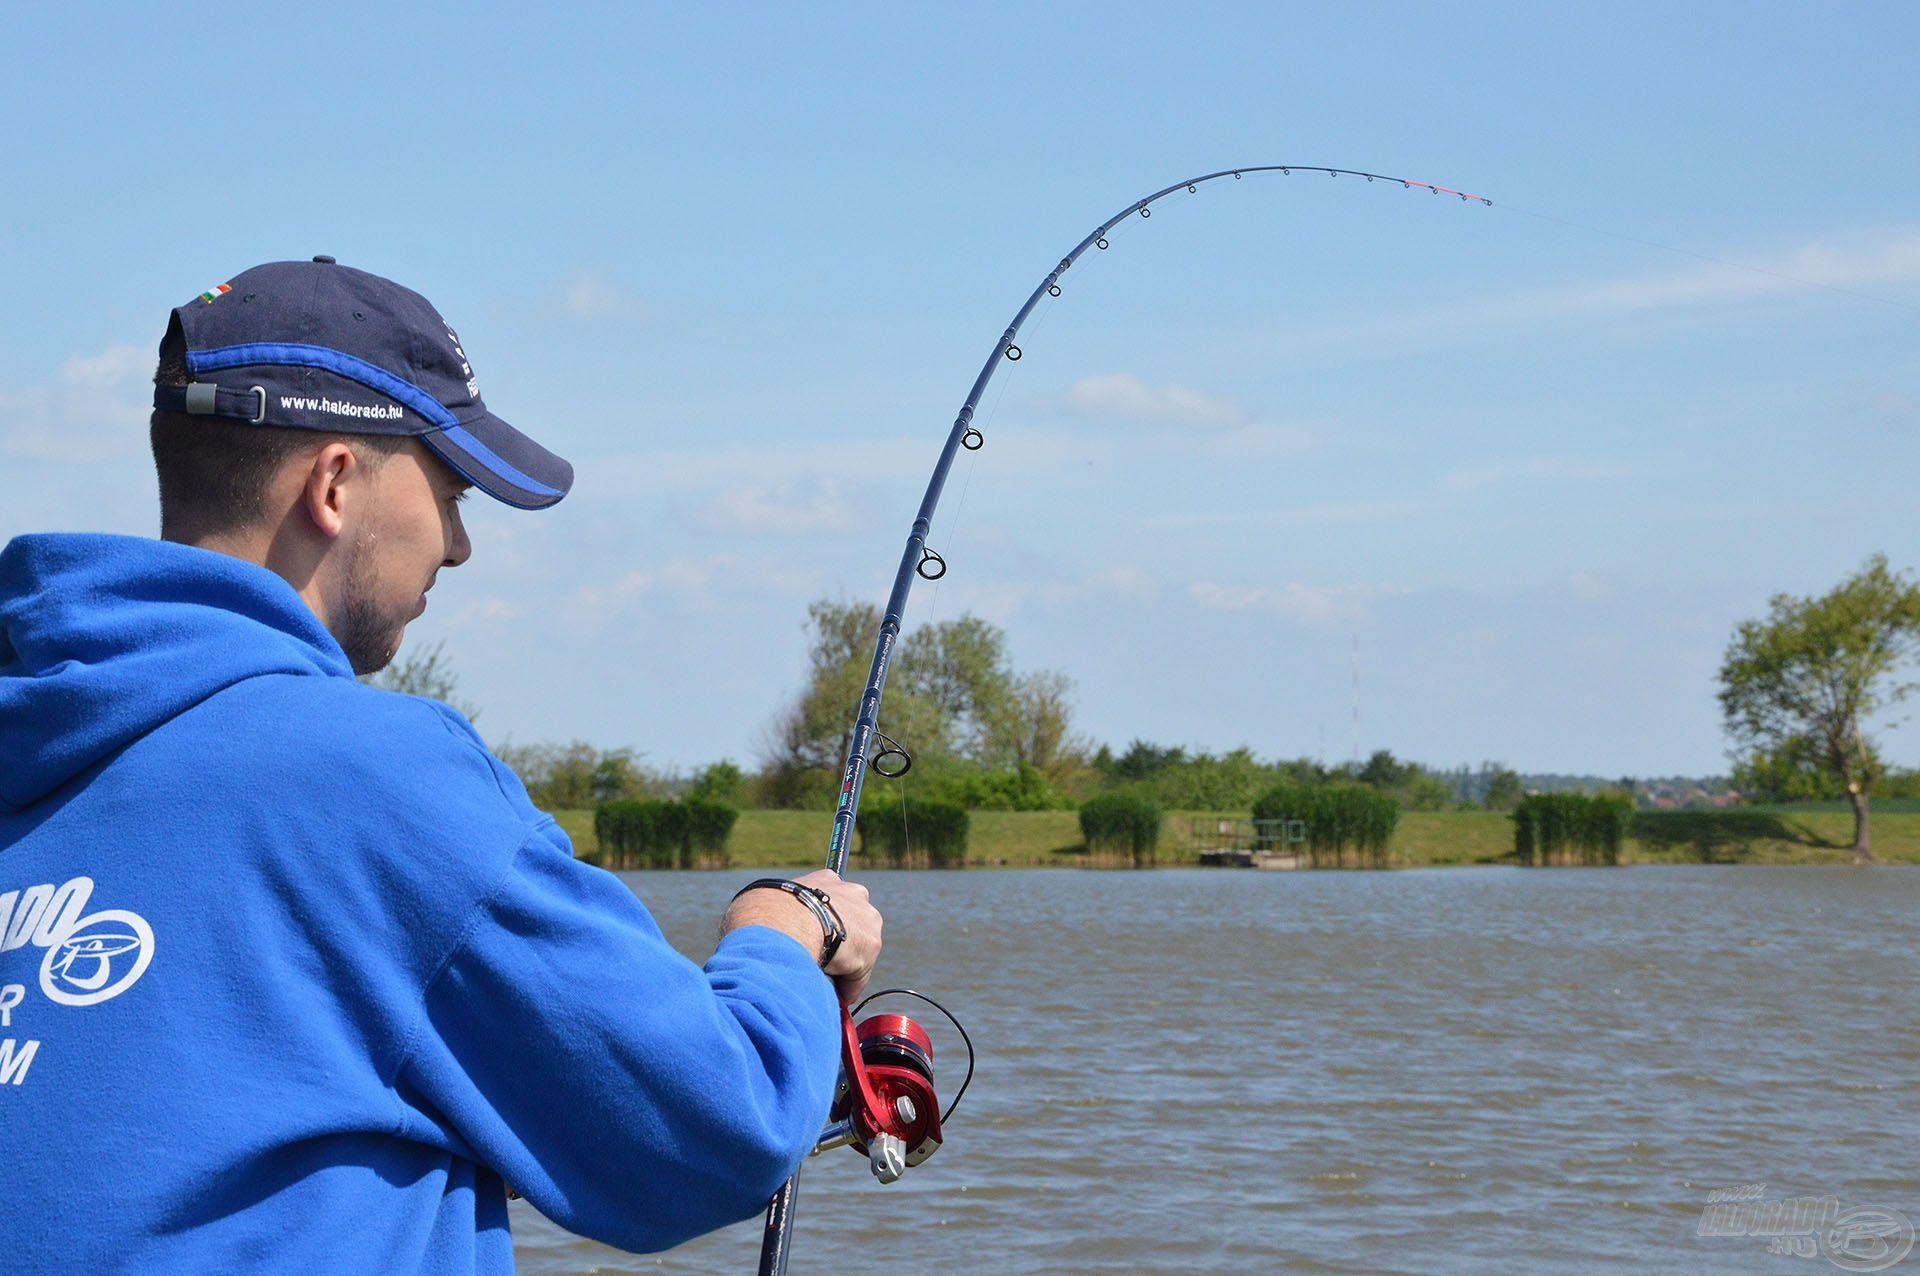 A lomha és határozott ellenállás nagy halat sejtetett. Ekkor értékelődik fel igazán, hogy a felszerelés minden pontja összhangban legyen!